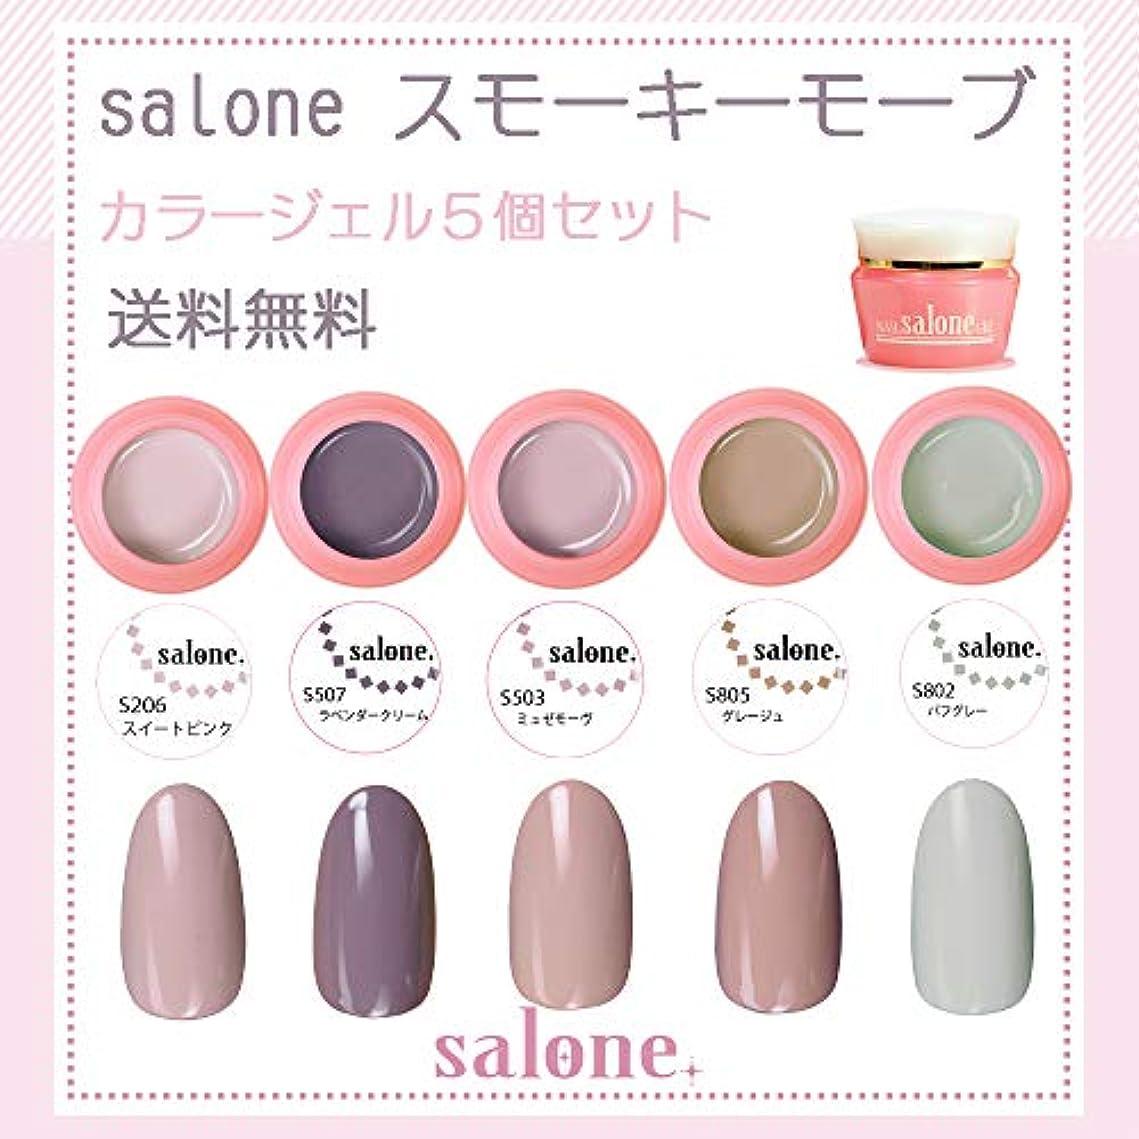 レッドデートアクセルパズル【送料無料 日本製】Salone スモーキーモーブ カラージェル5個セット スモーキーで肌なじみの良い人気カラー